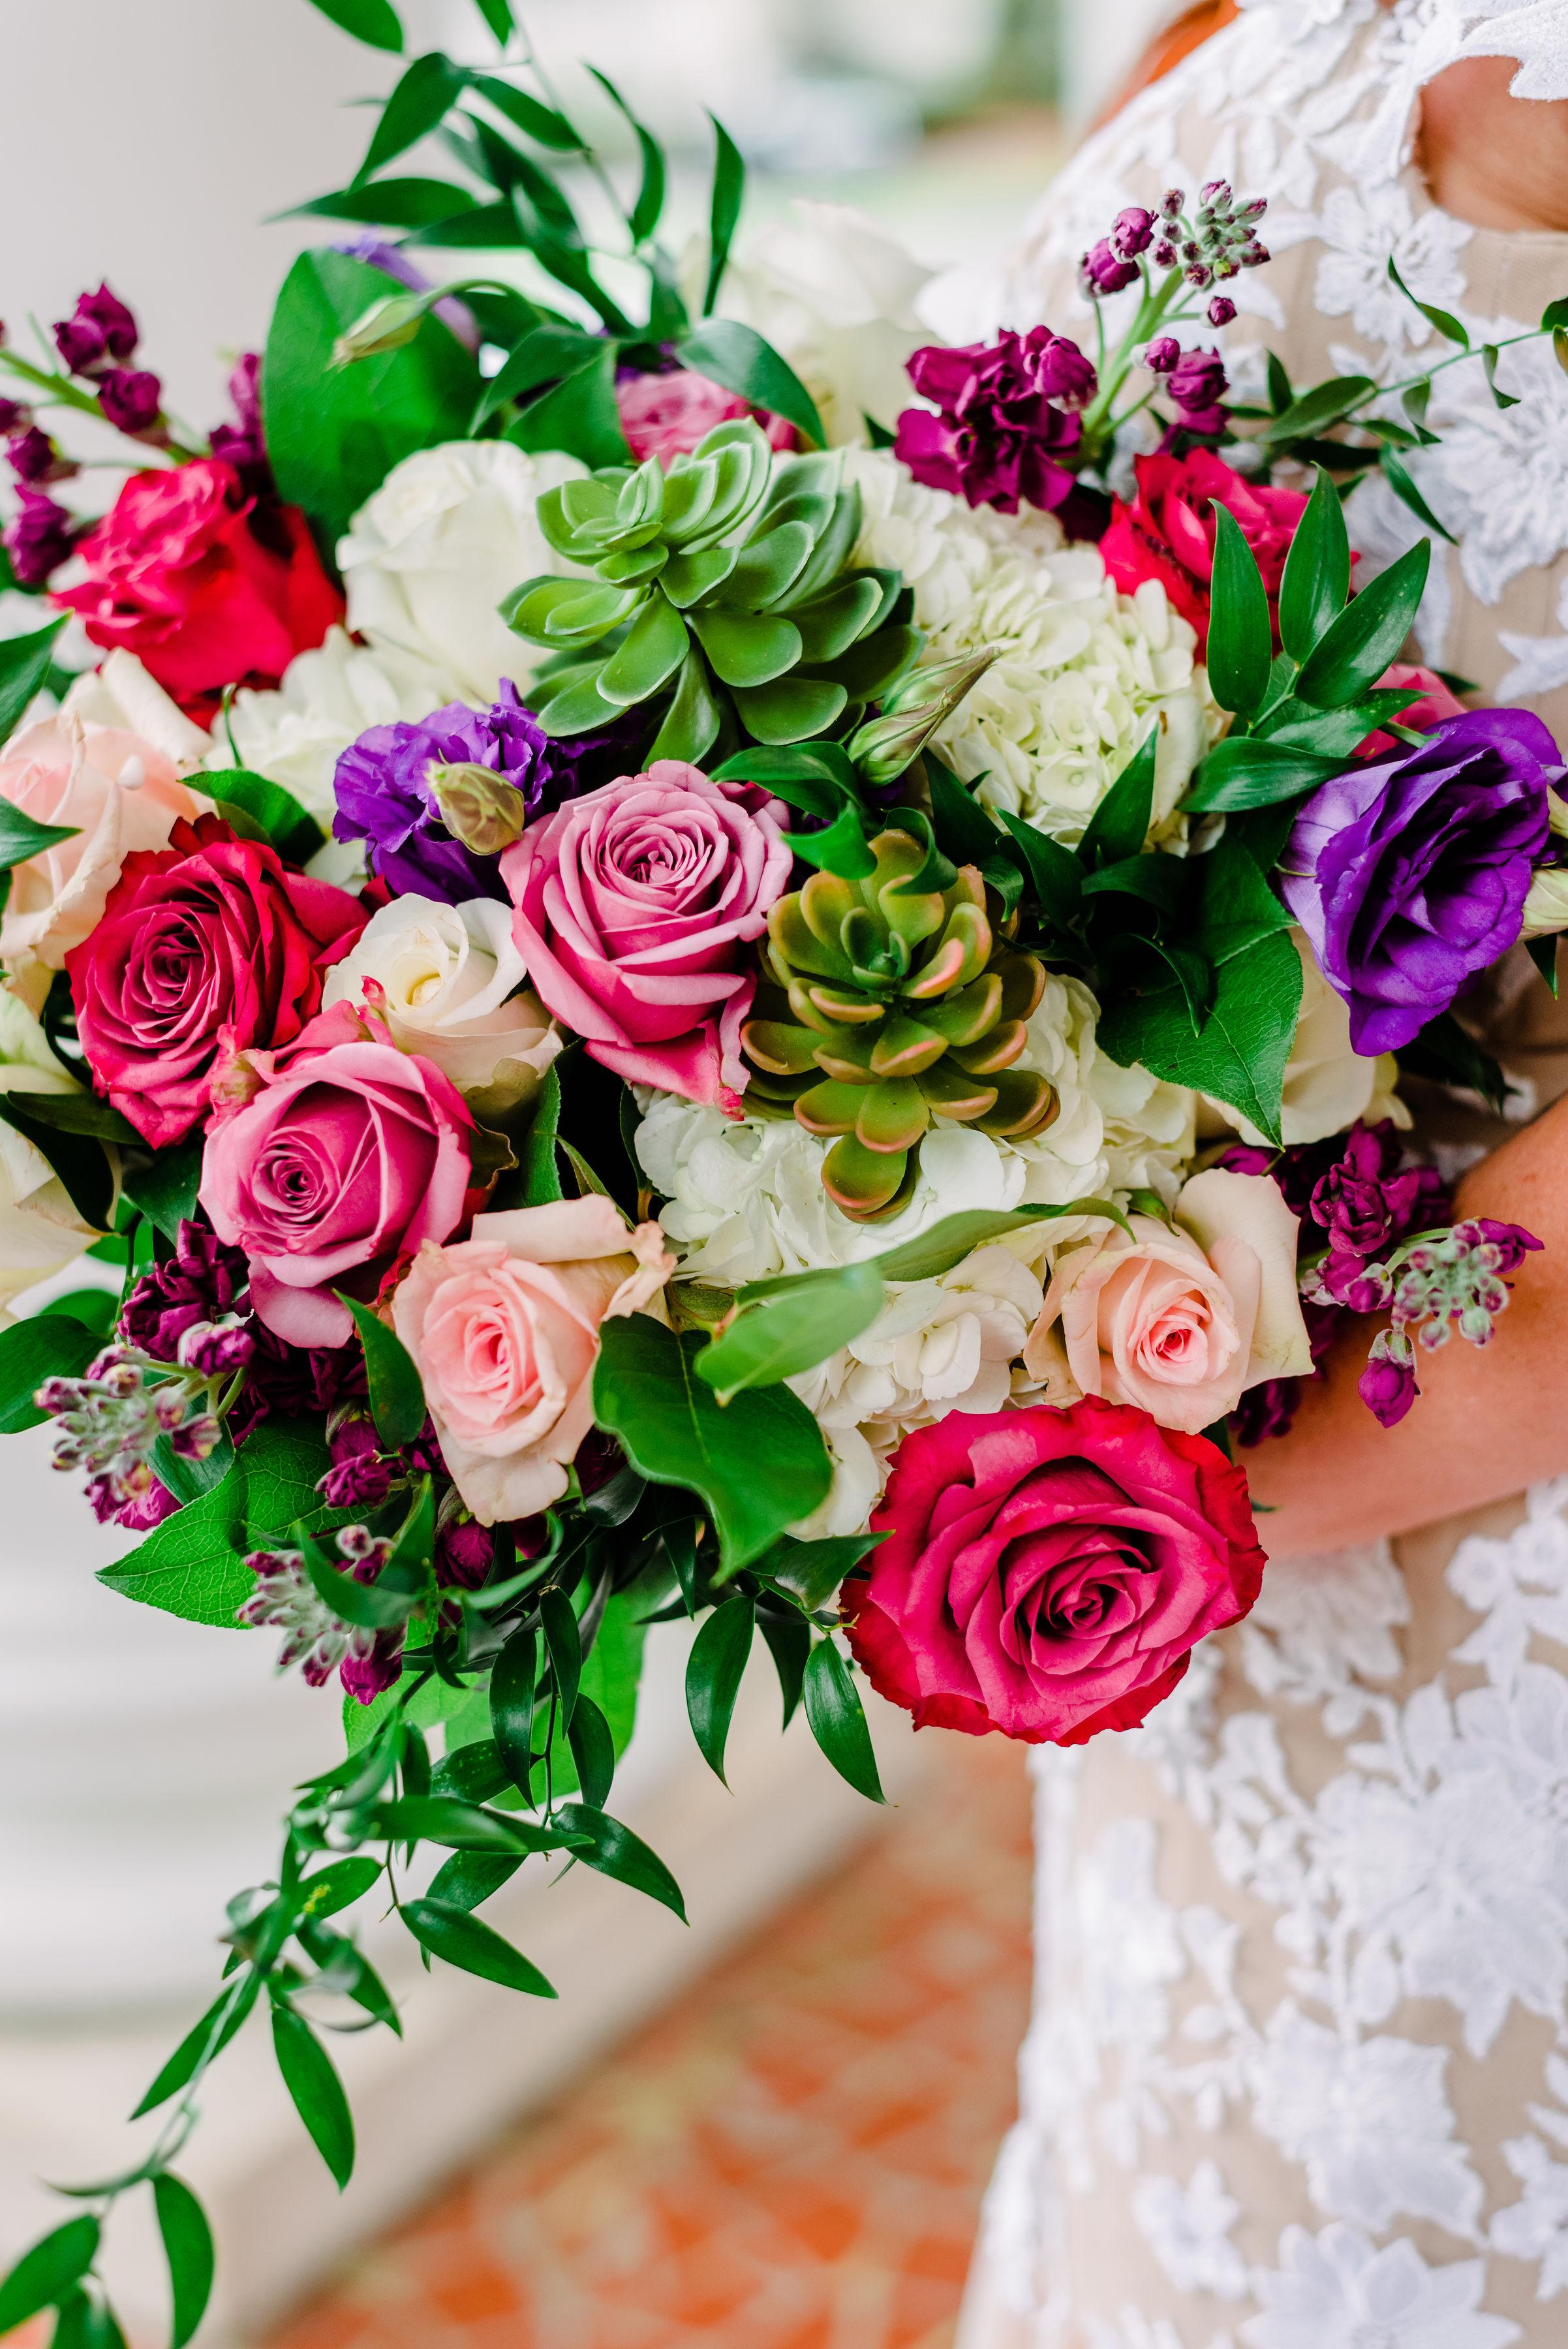 AshleyF_bridals-37.jpg